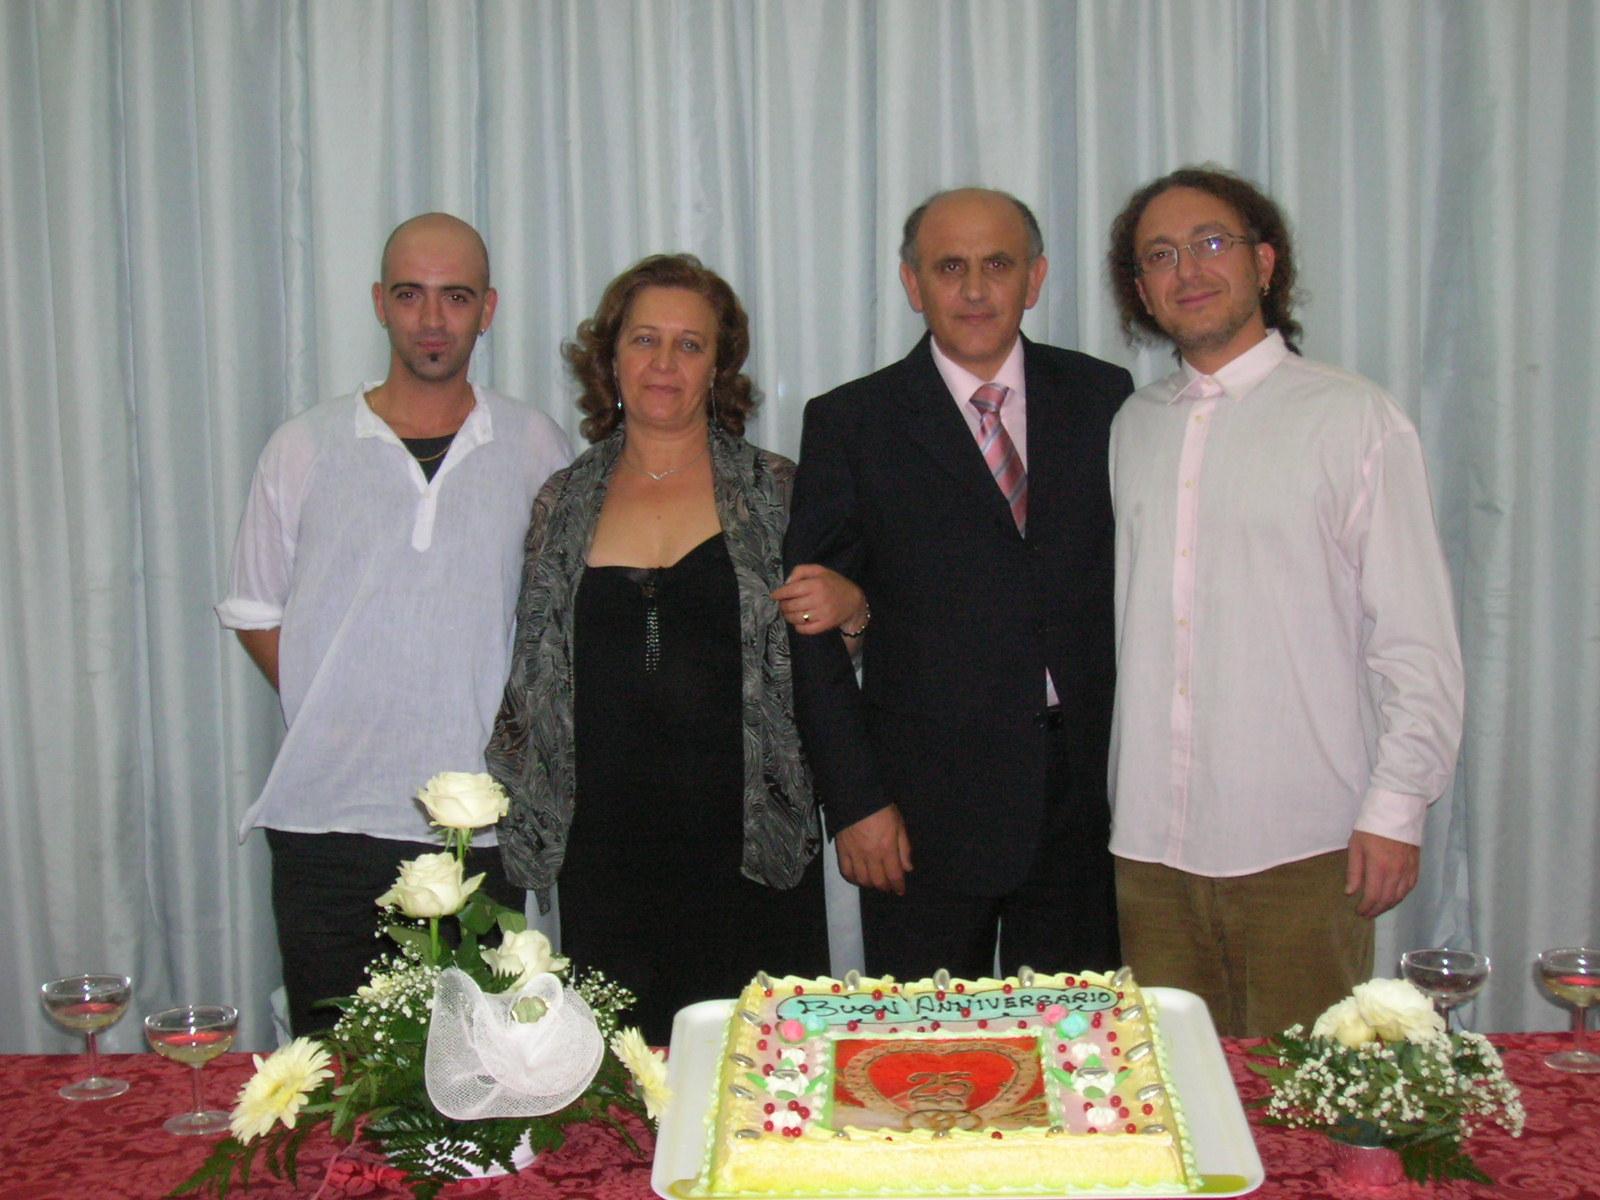 Castel Umberto 24-10-2006 - Venticinquesimo di Matrimonio di Nino e Aldina Rosario Moschitta - Aldina -Nino e Luigi Di Pino